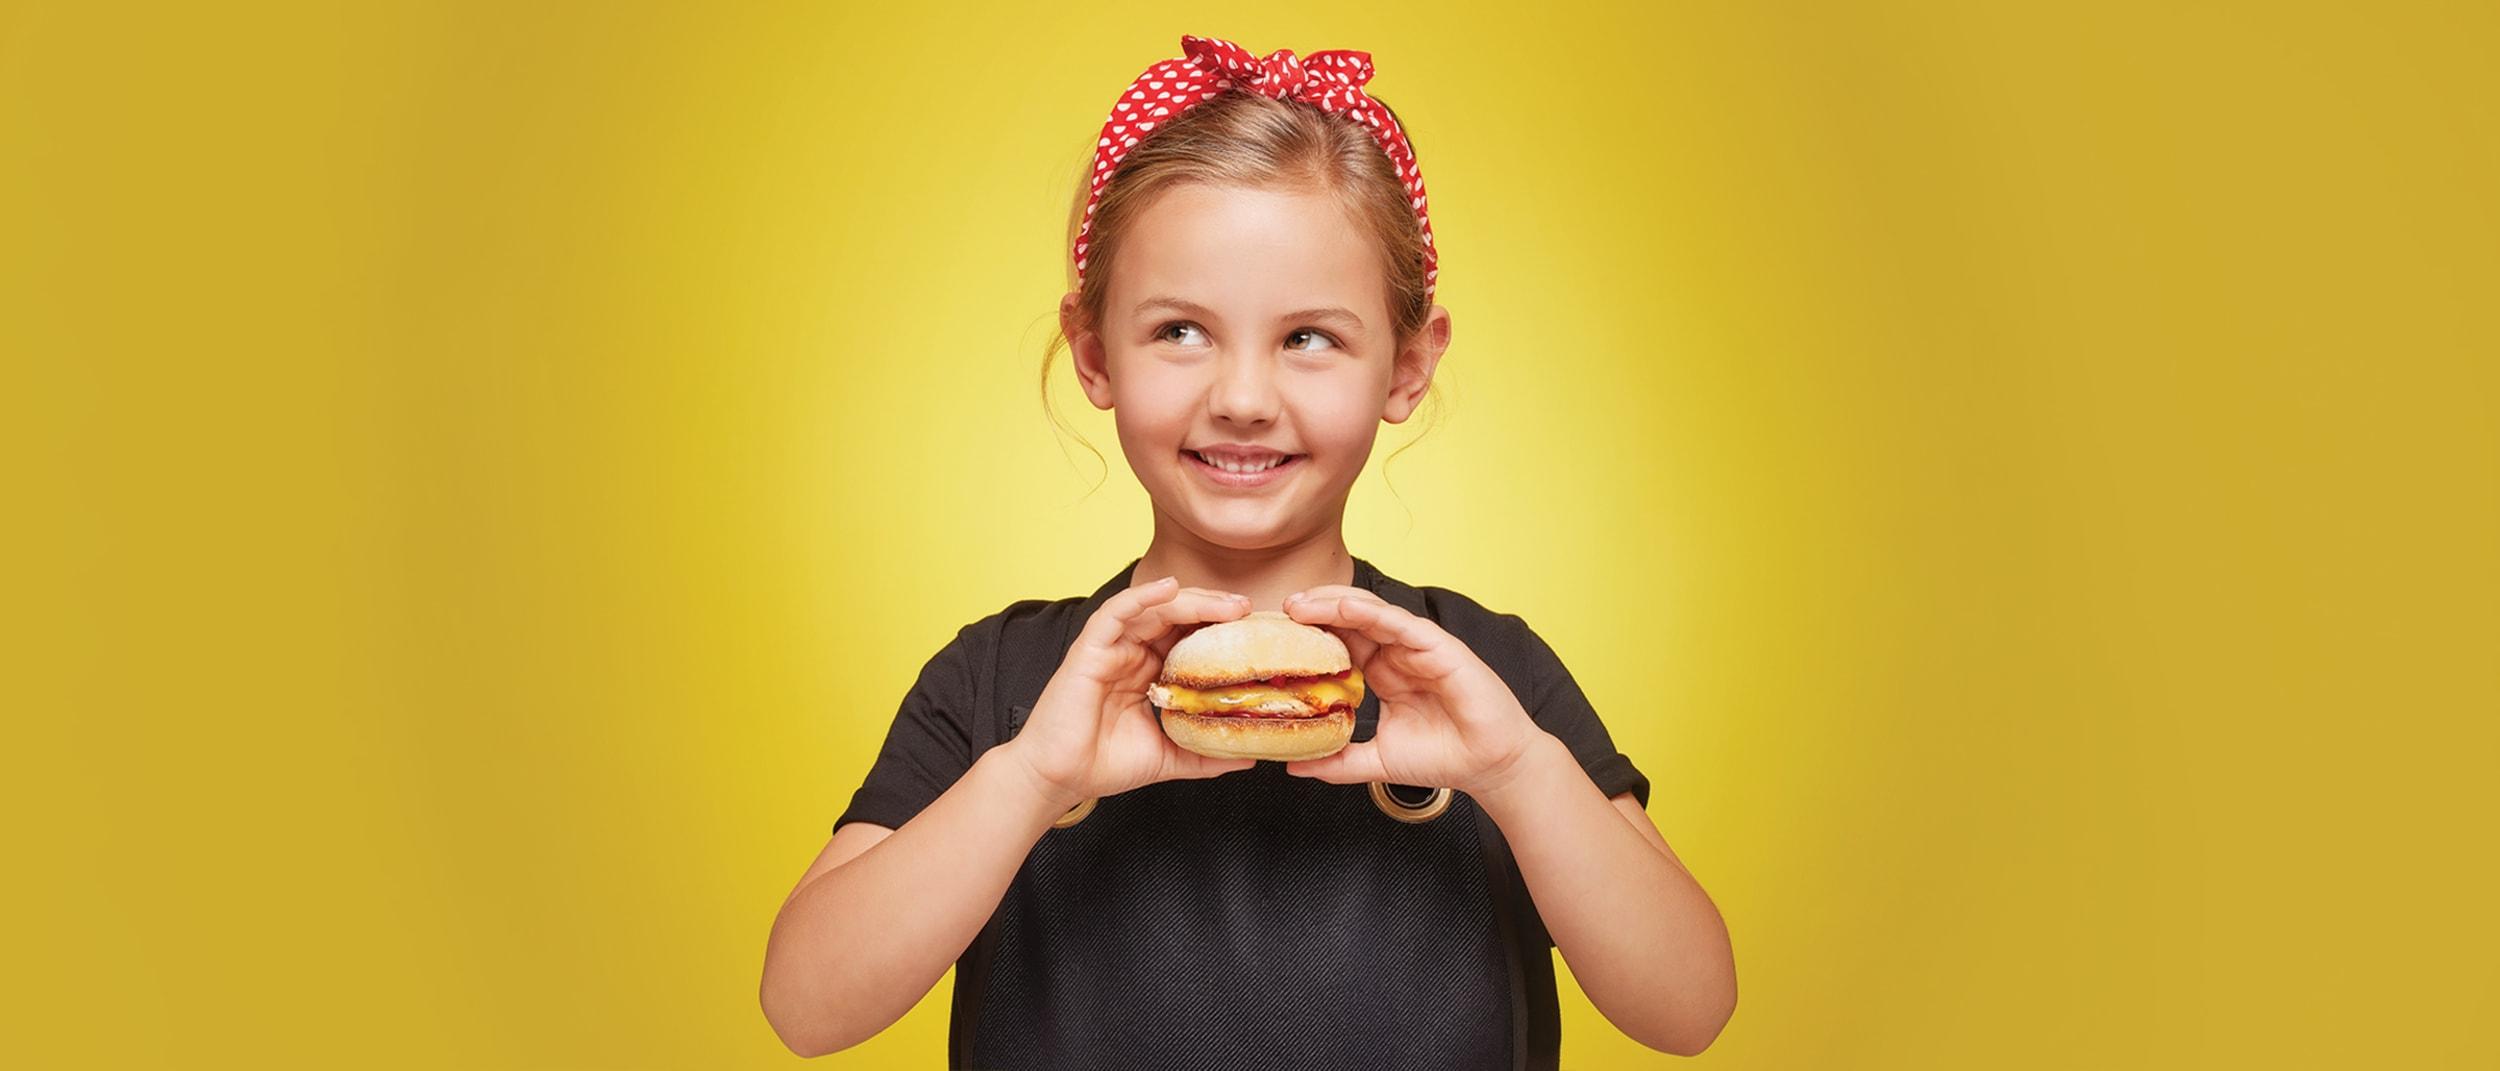 Grill'd: Kids masterclass